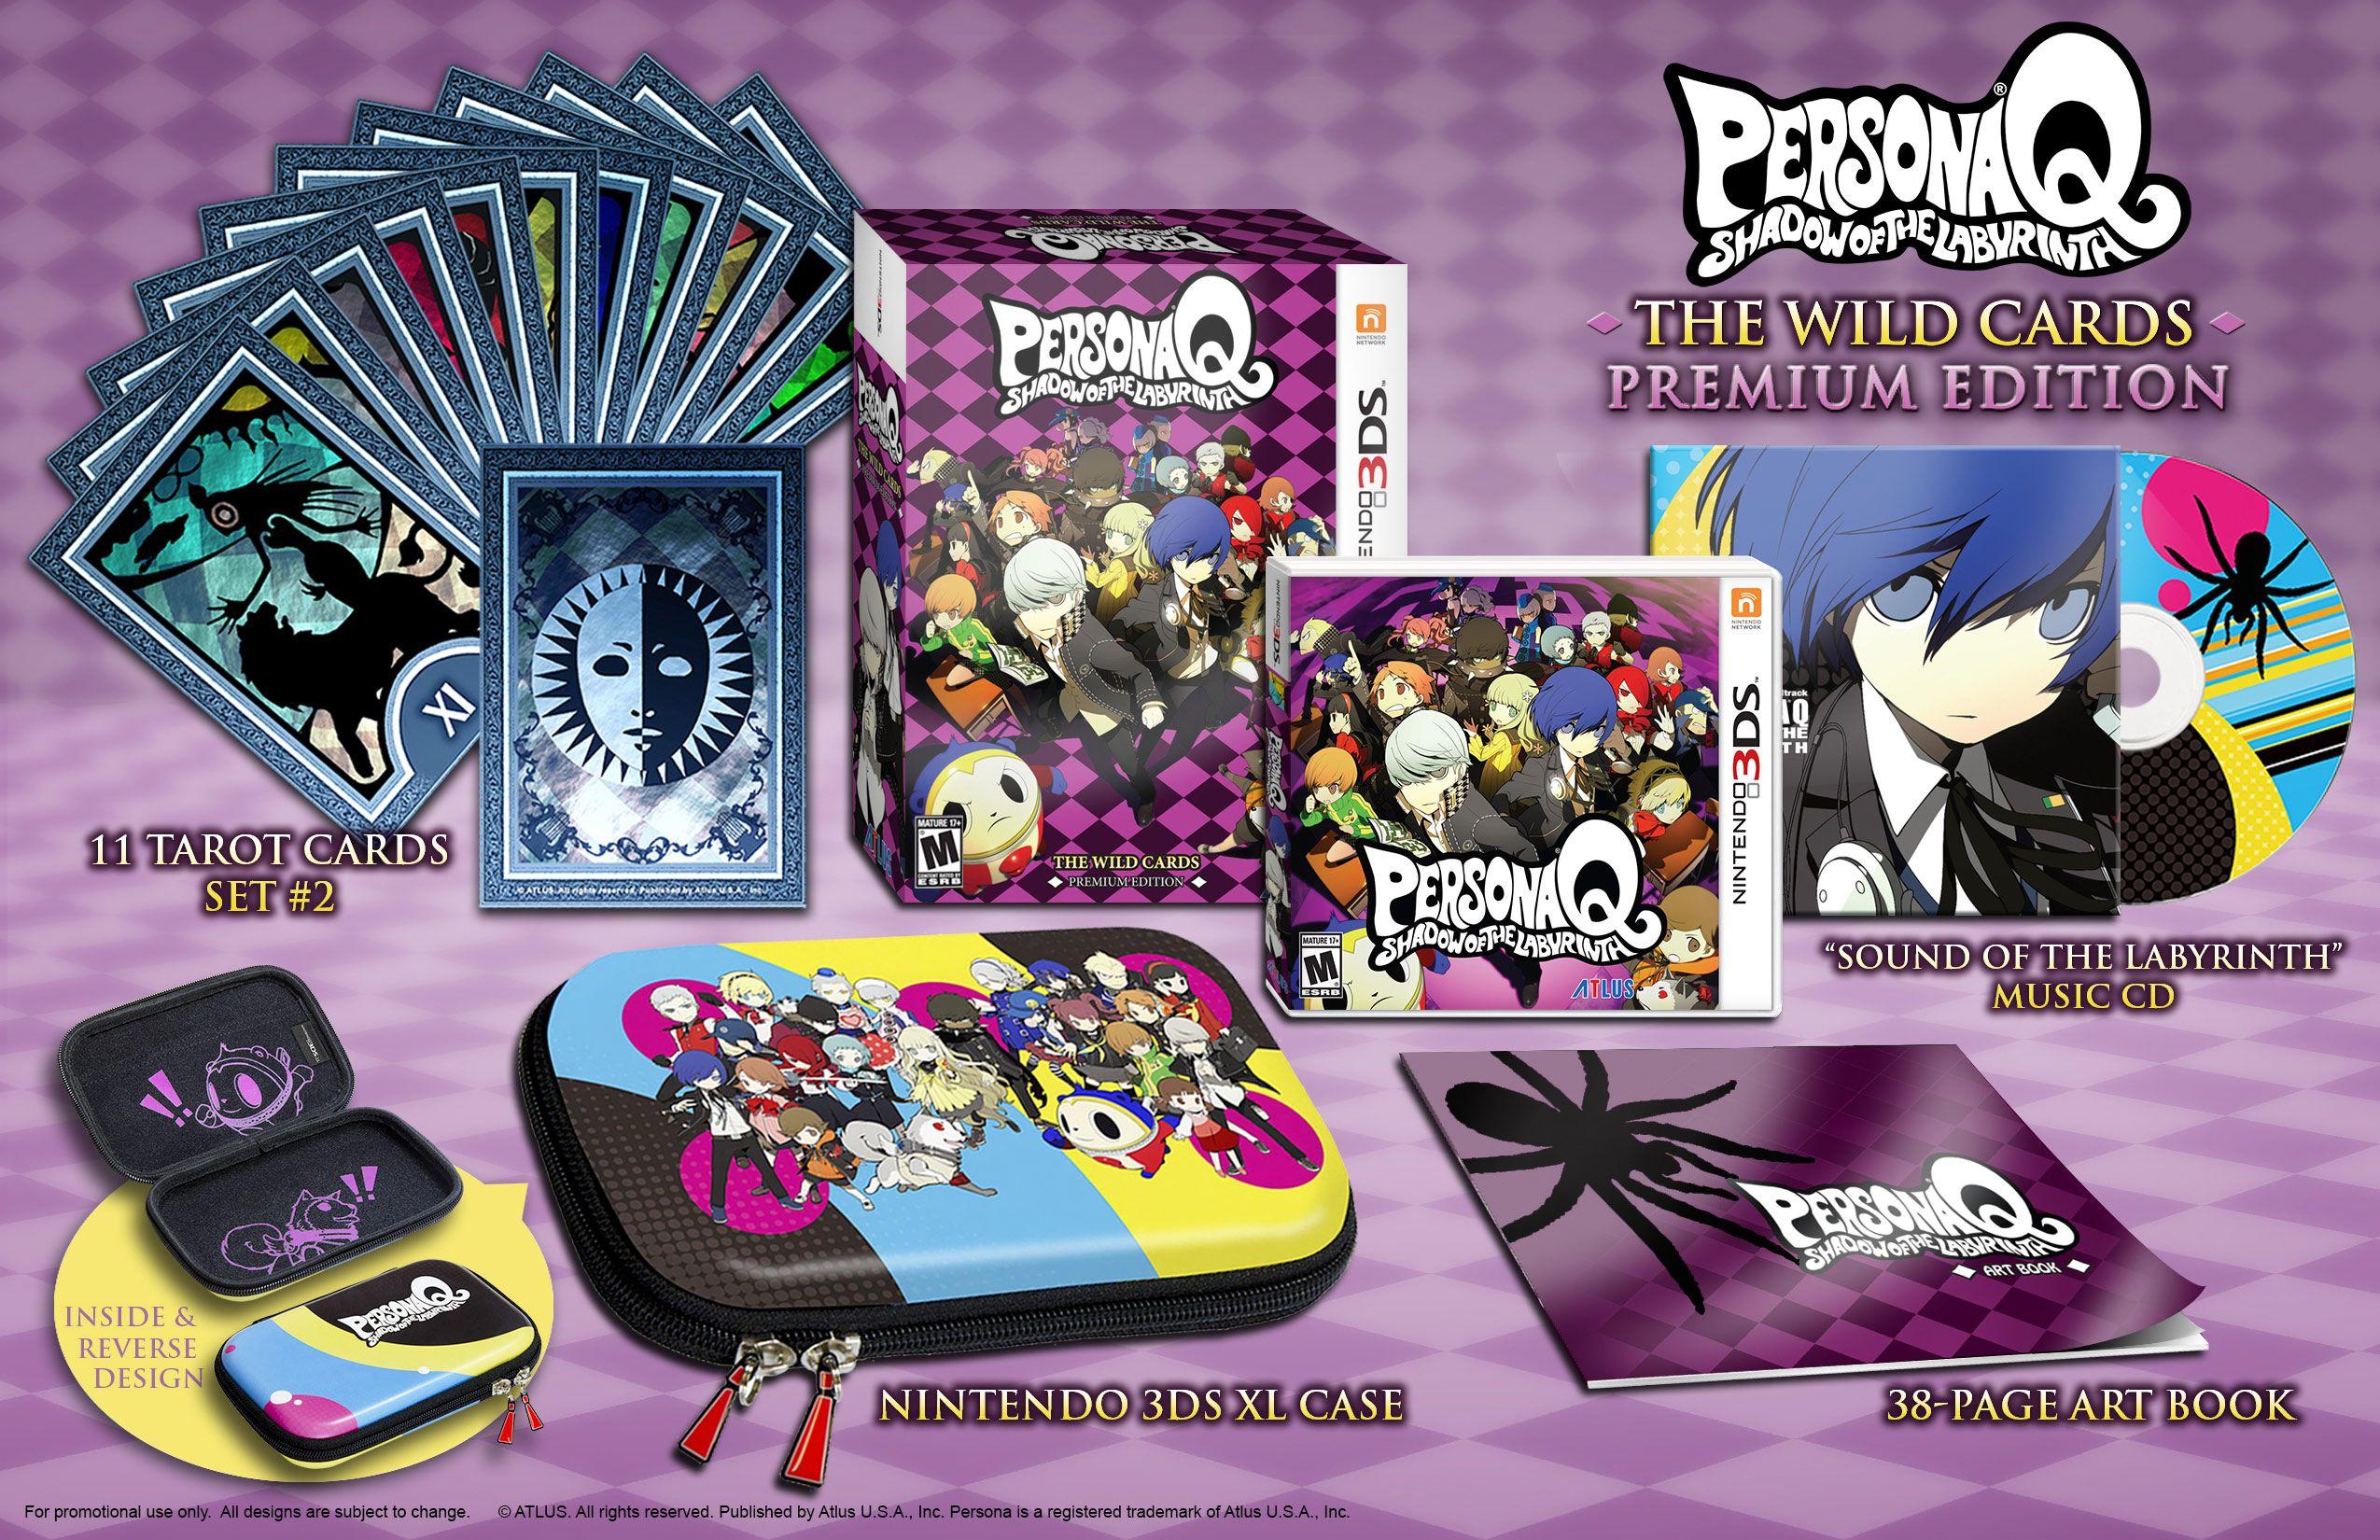 Persona Q The Wild Cards Premium Edition